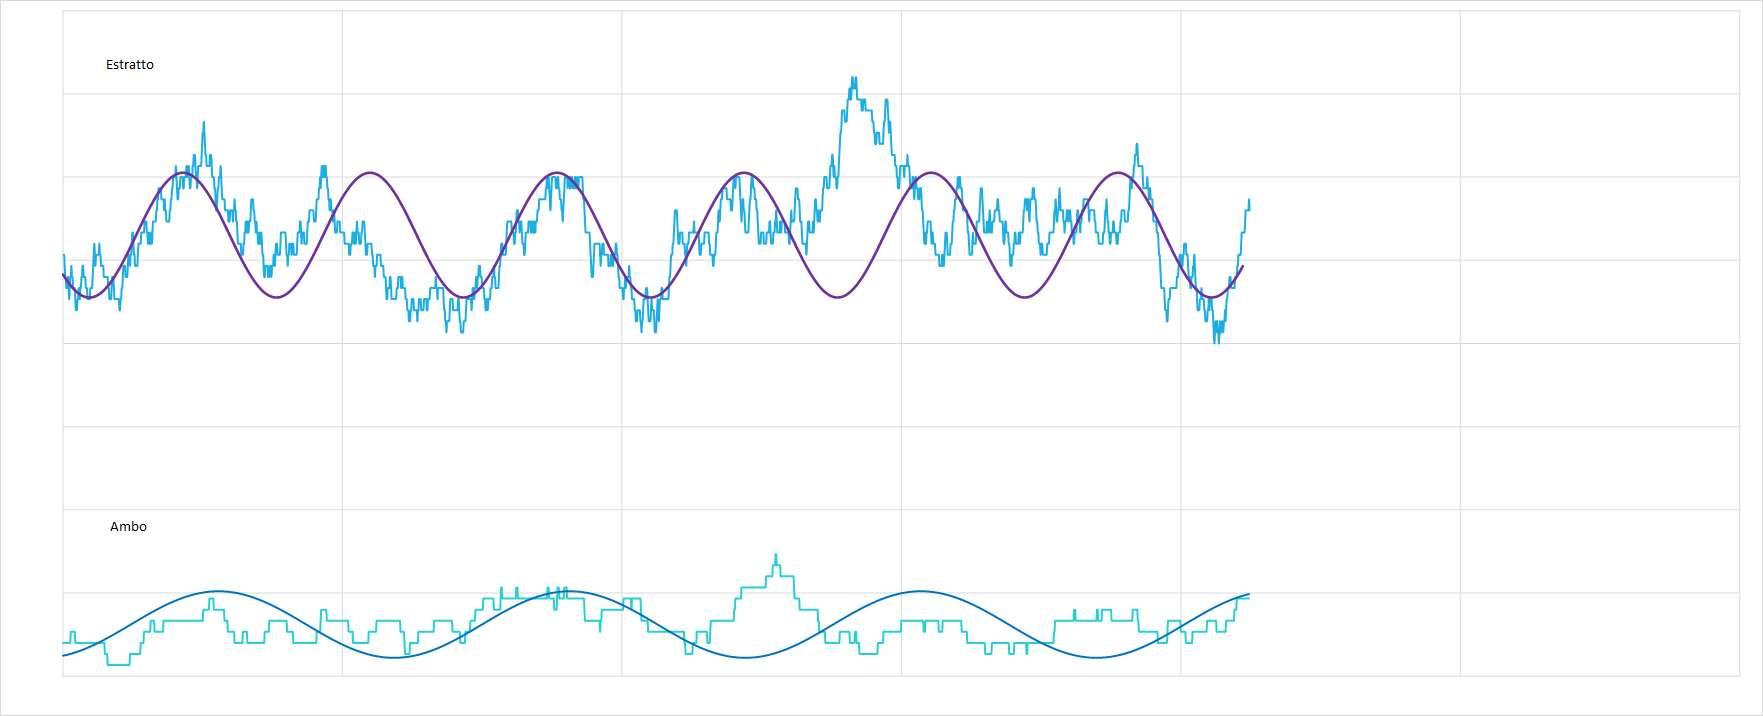 Ipotetico andamento sinusoidale interpolante per le medie dell'estratto e dell'ambo - Aggiornato all'estrazione precedente il 4 Marzo 2021